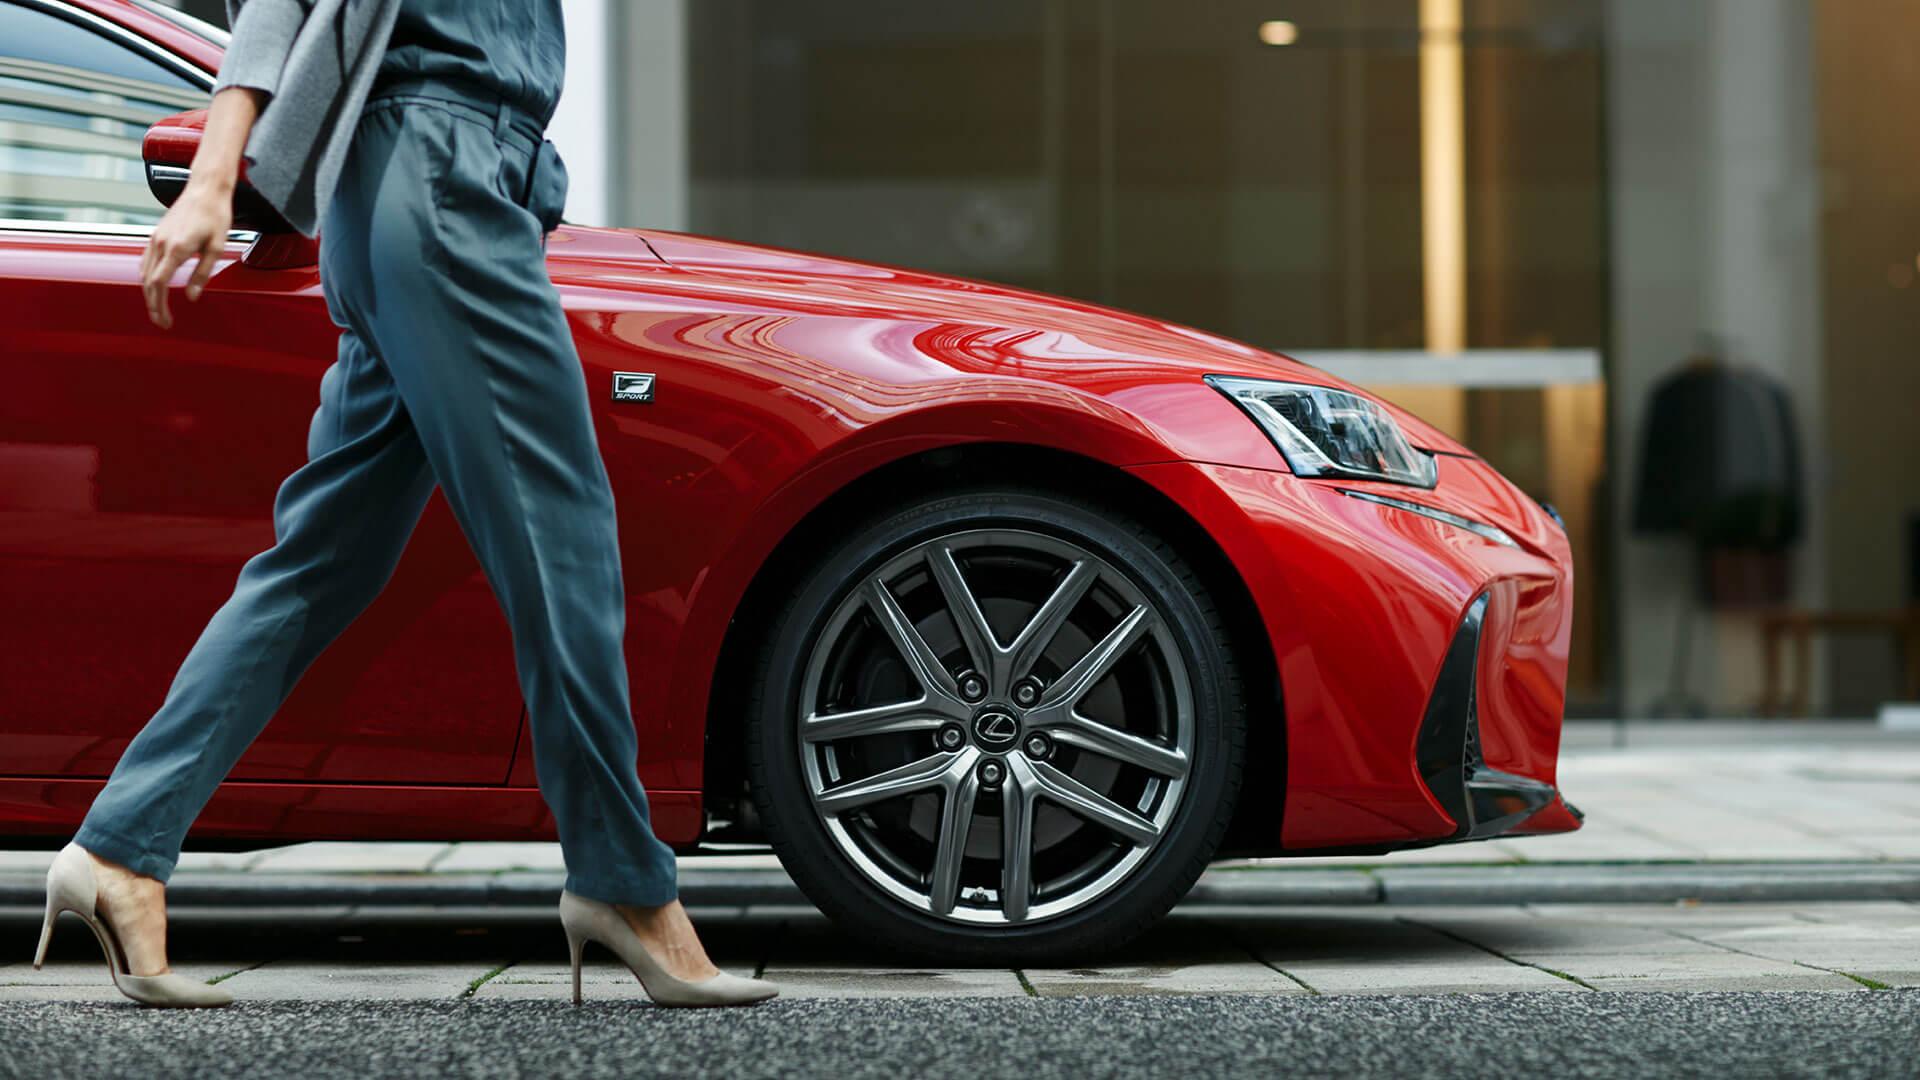 Voorkant van een rode Lexus IS 300h